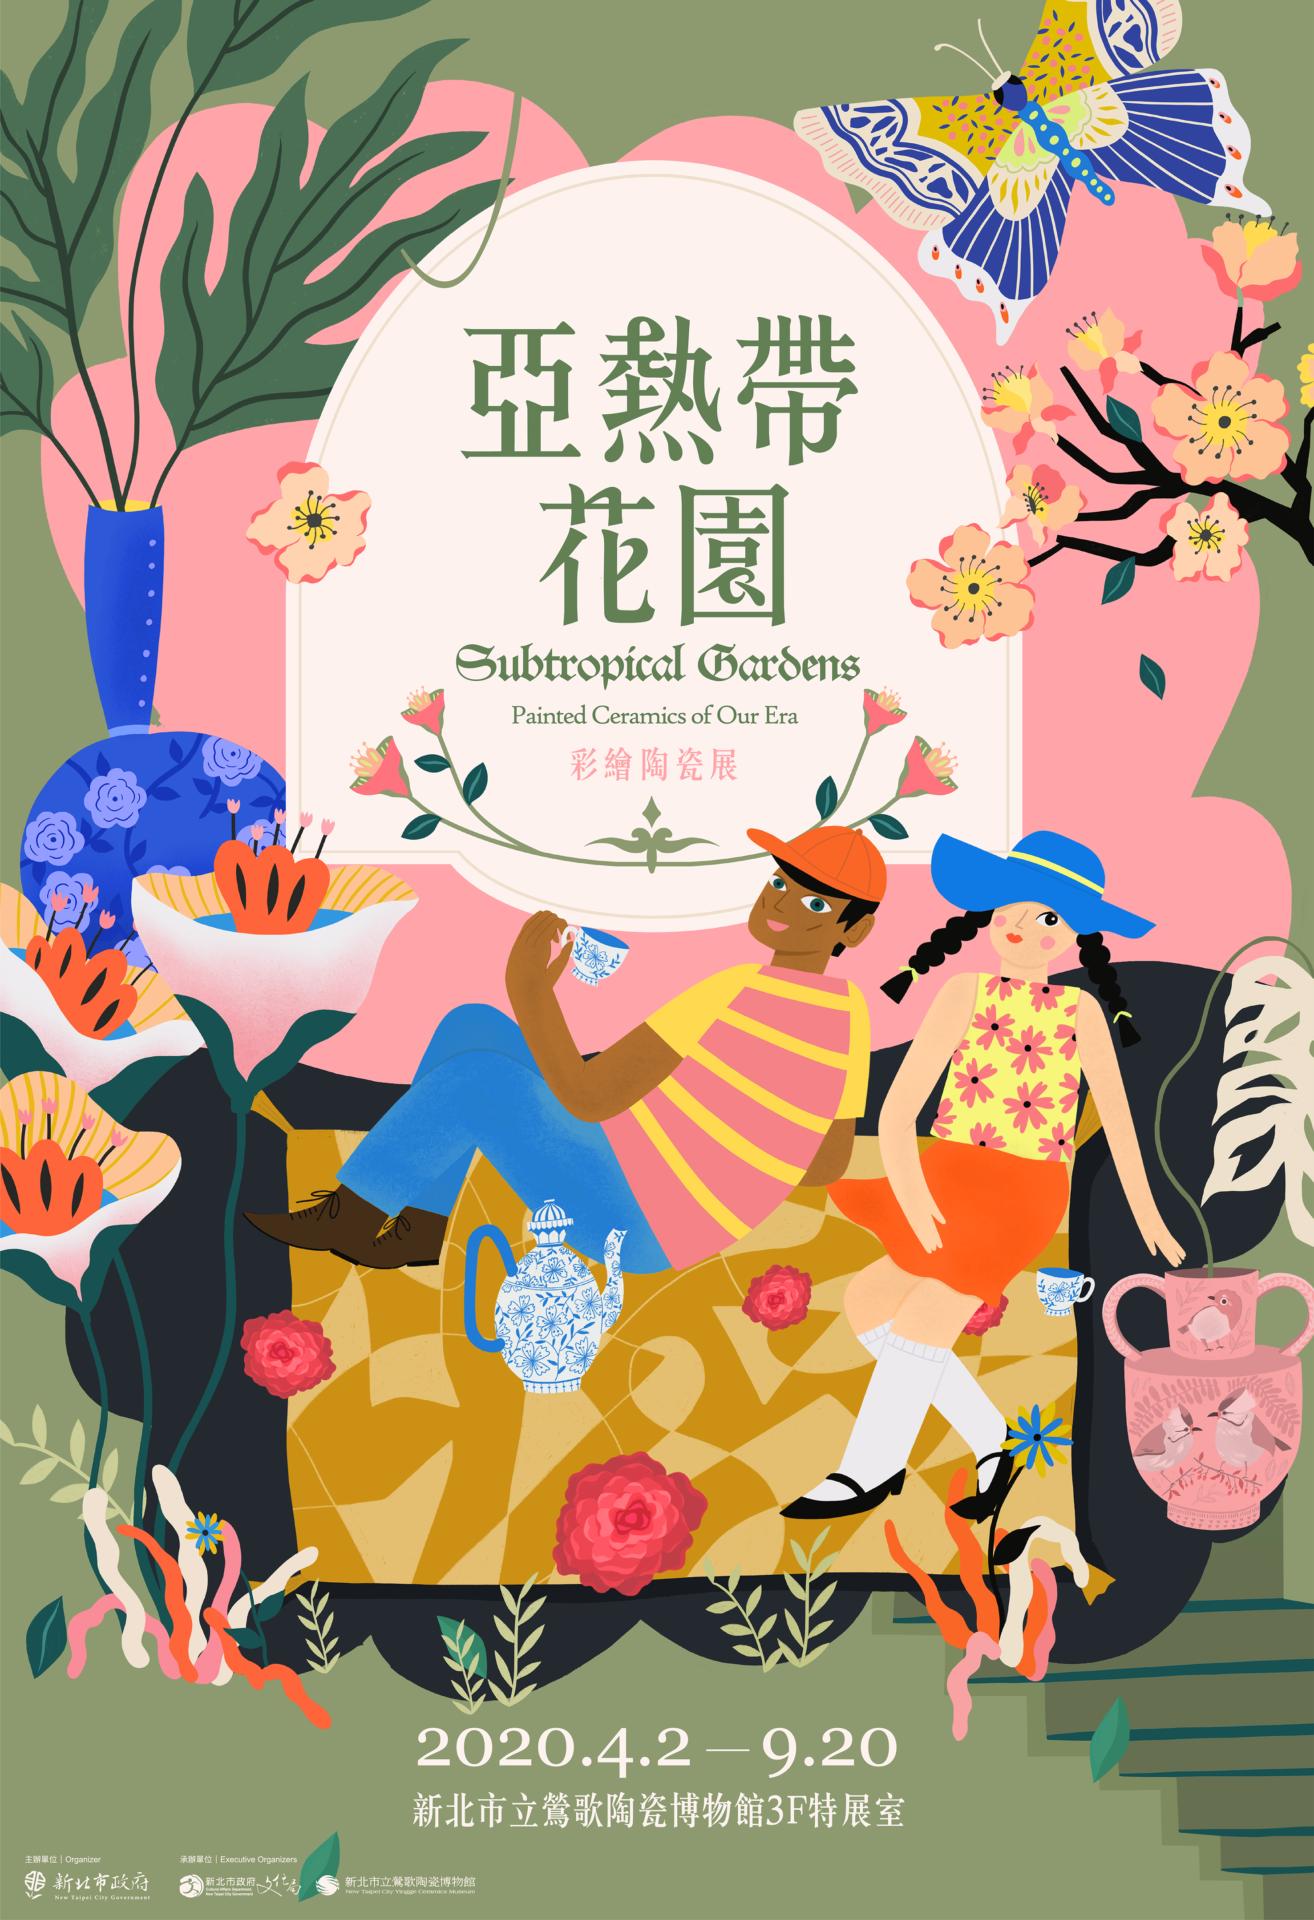 新北市立鶯歌陶瓷博物館:2020/04/02-2020/09/20【亞熱帶花園:彩繪陶瓷展】